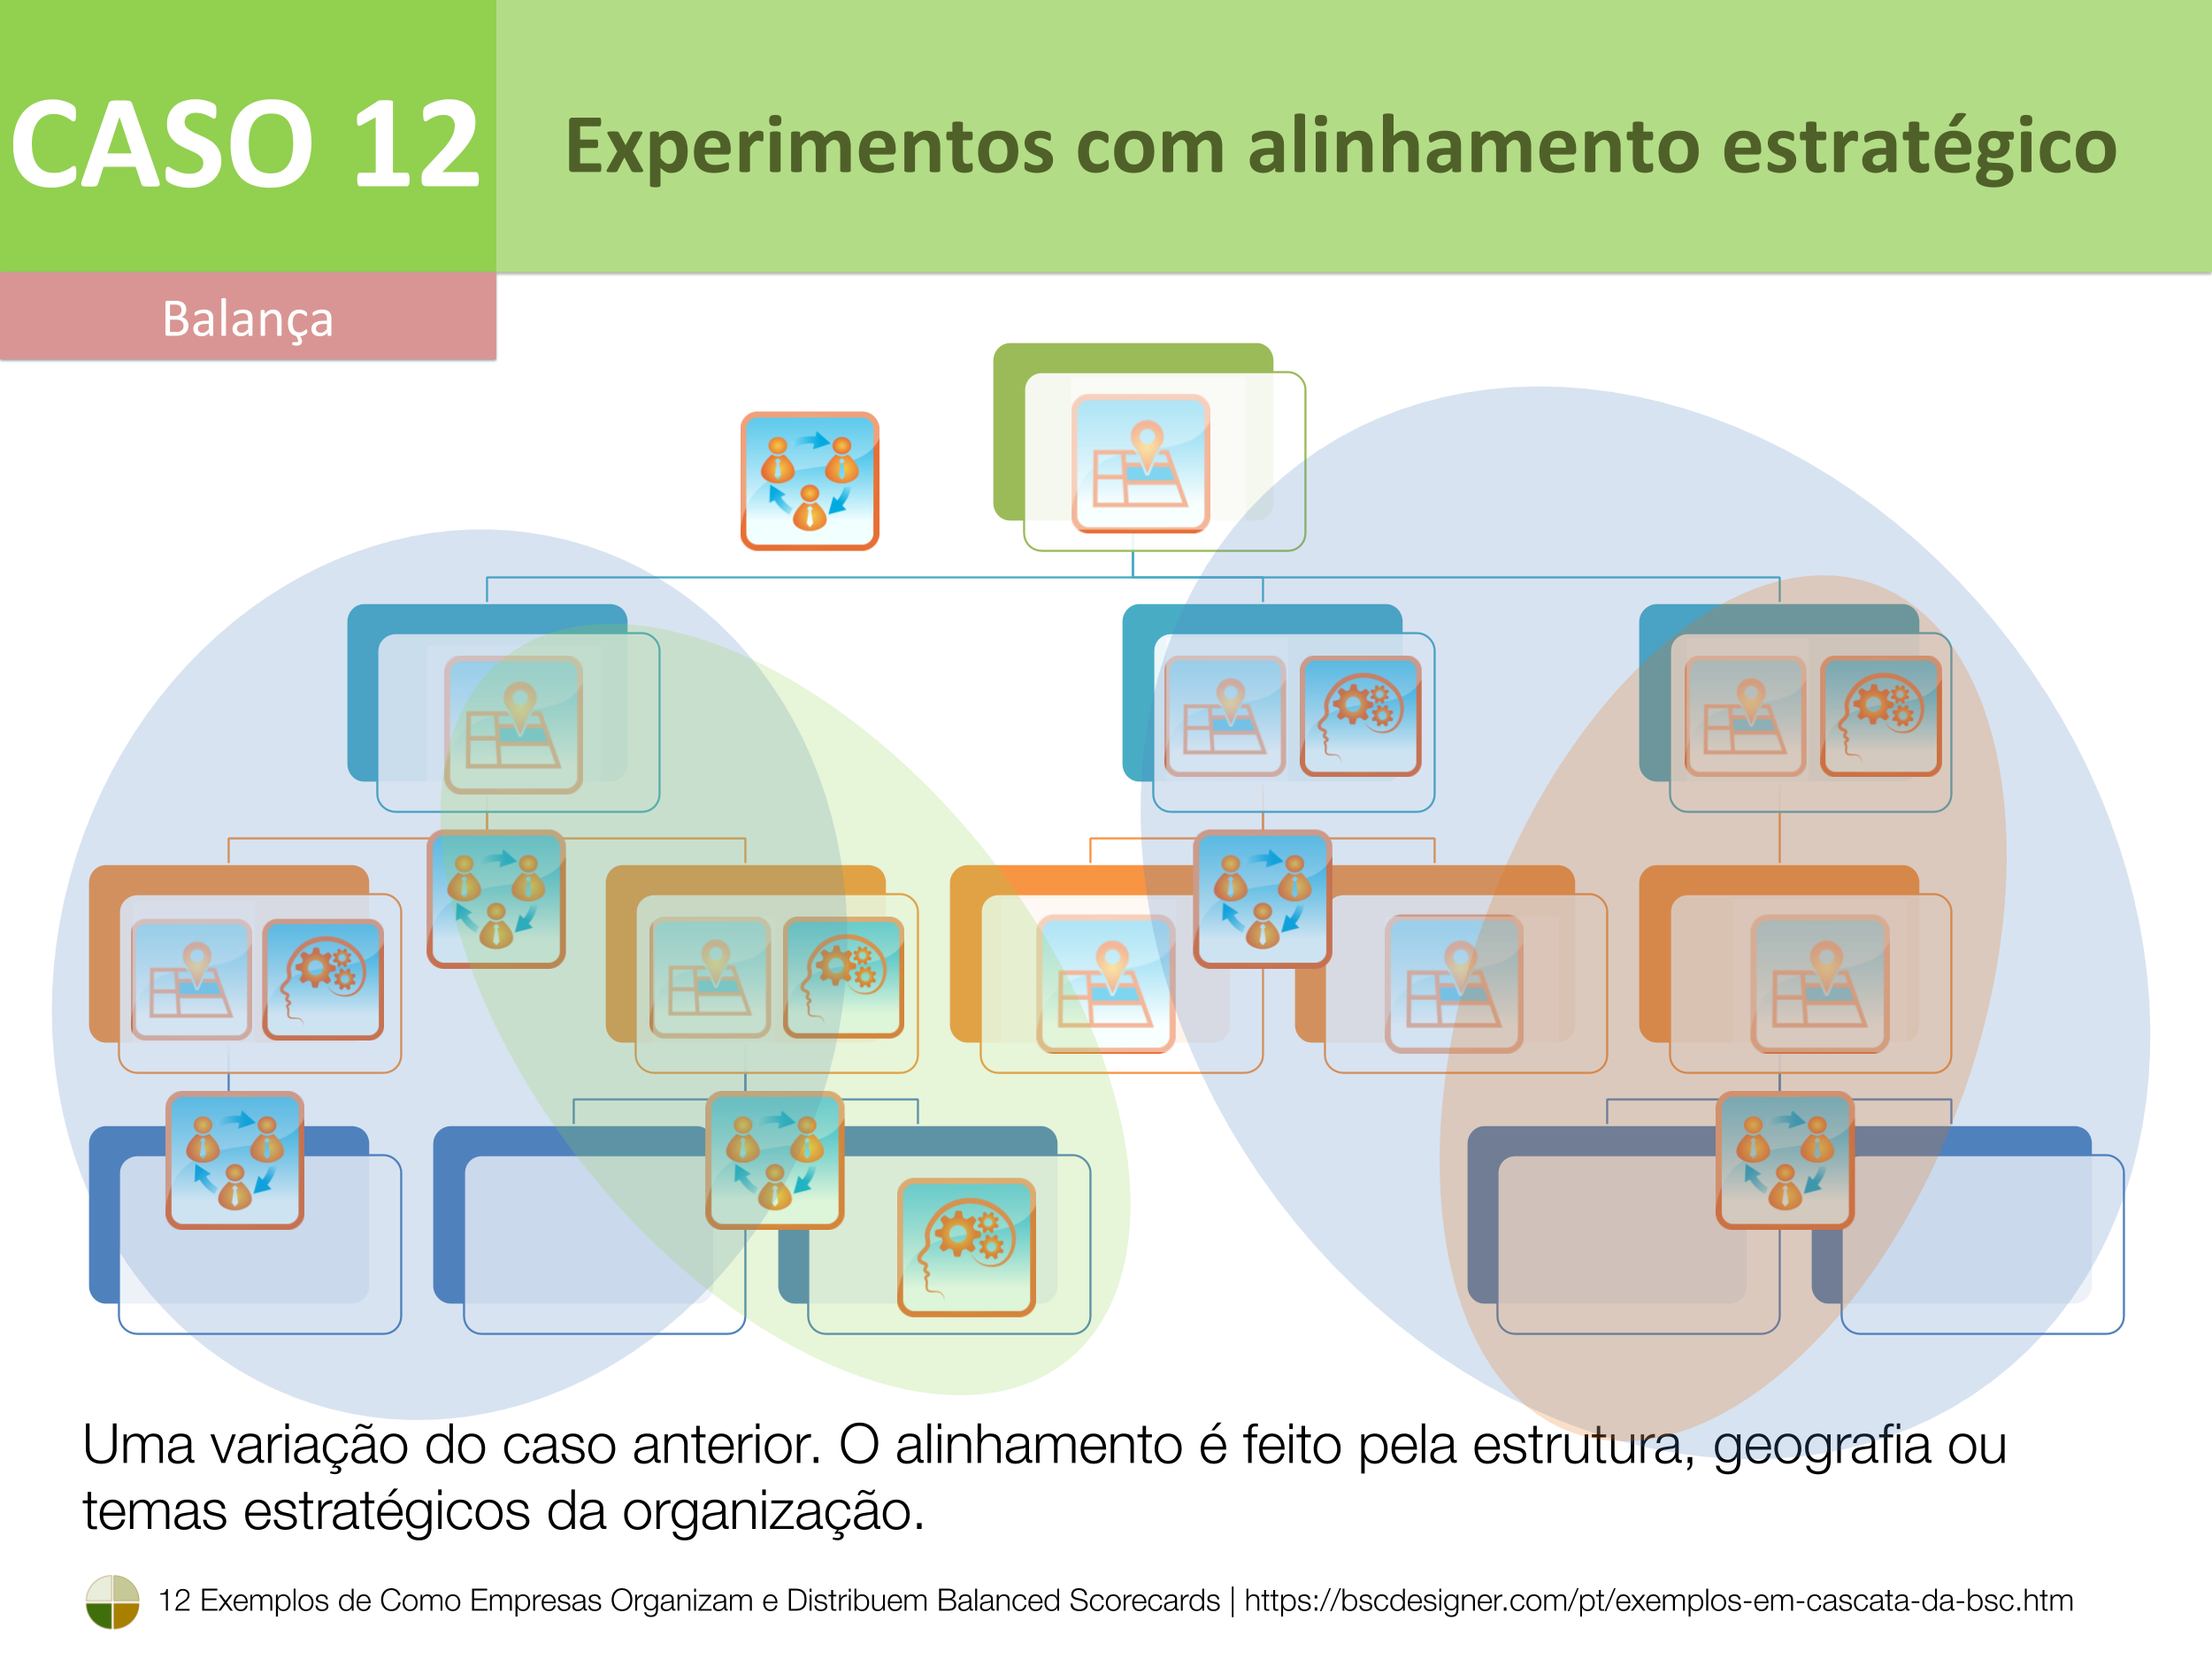 Caso 12 – Experimentos com alinhamento estratégico